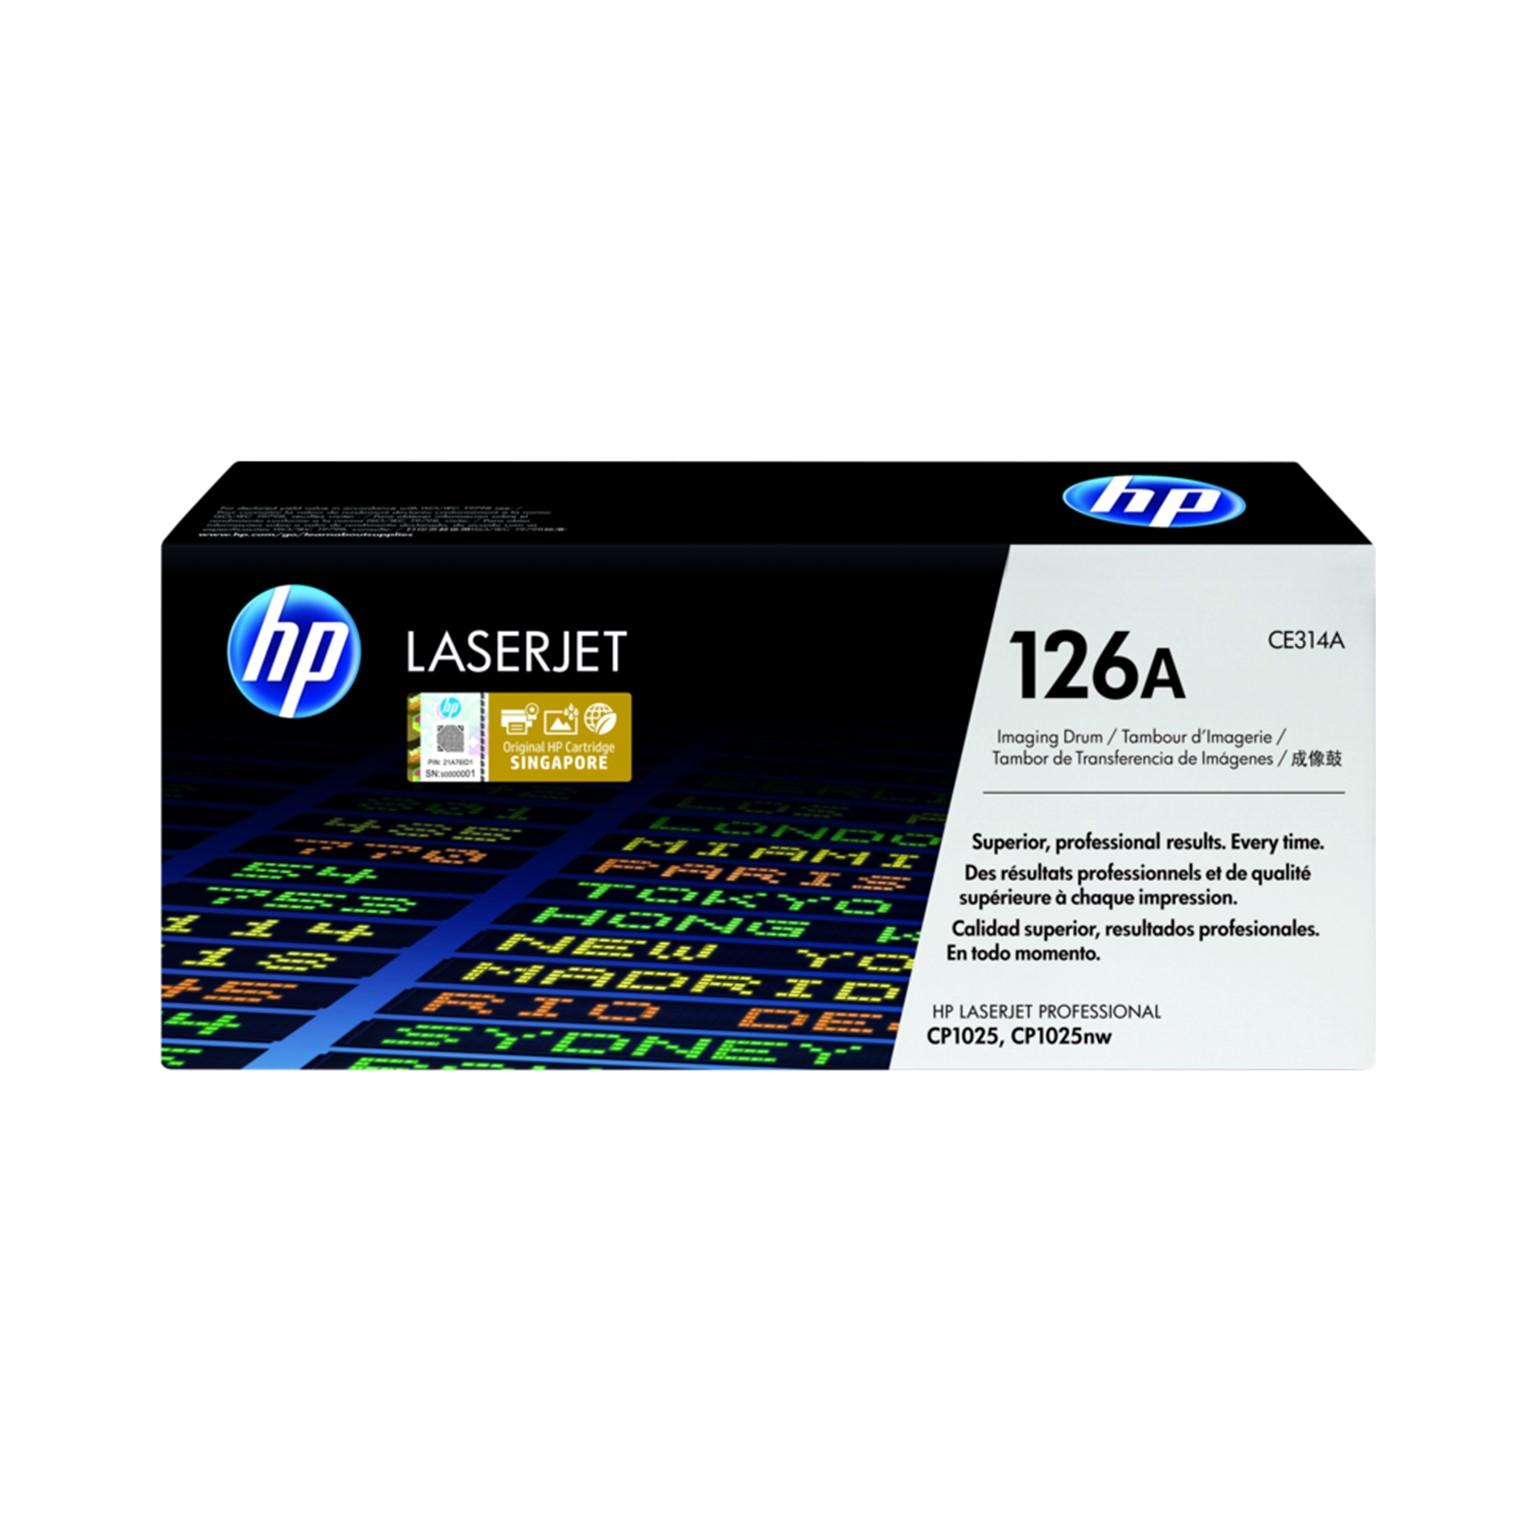 HP 126A IMAGING DRUM